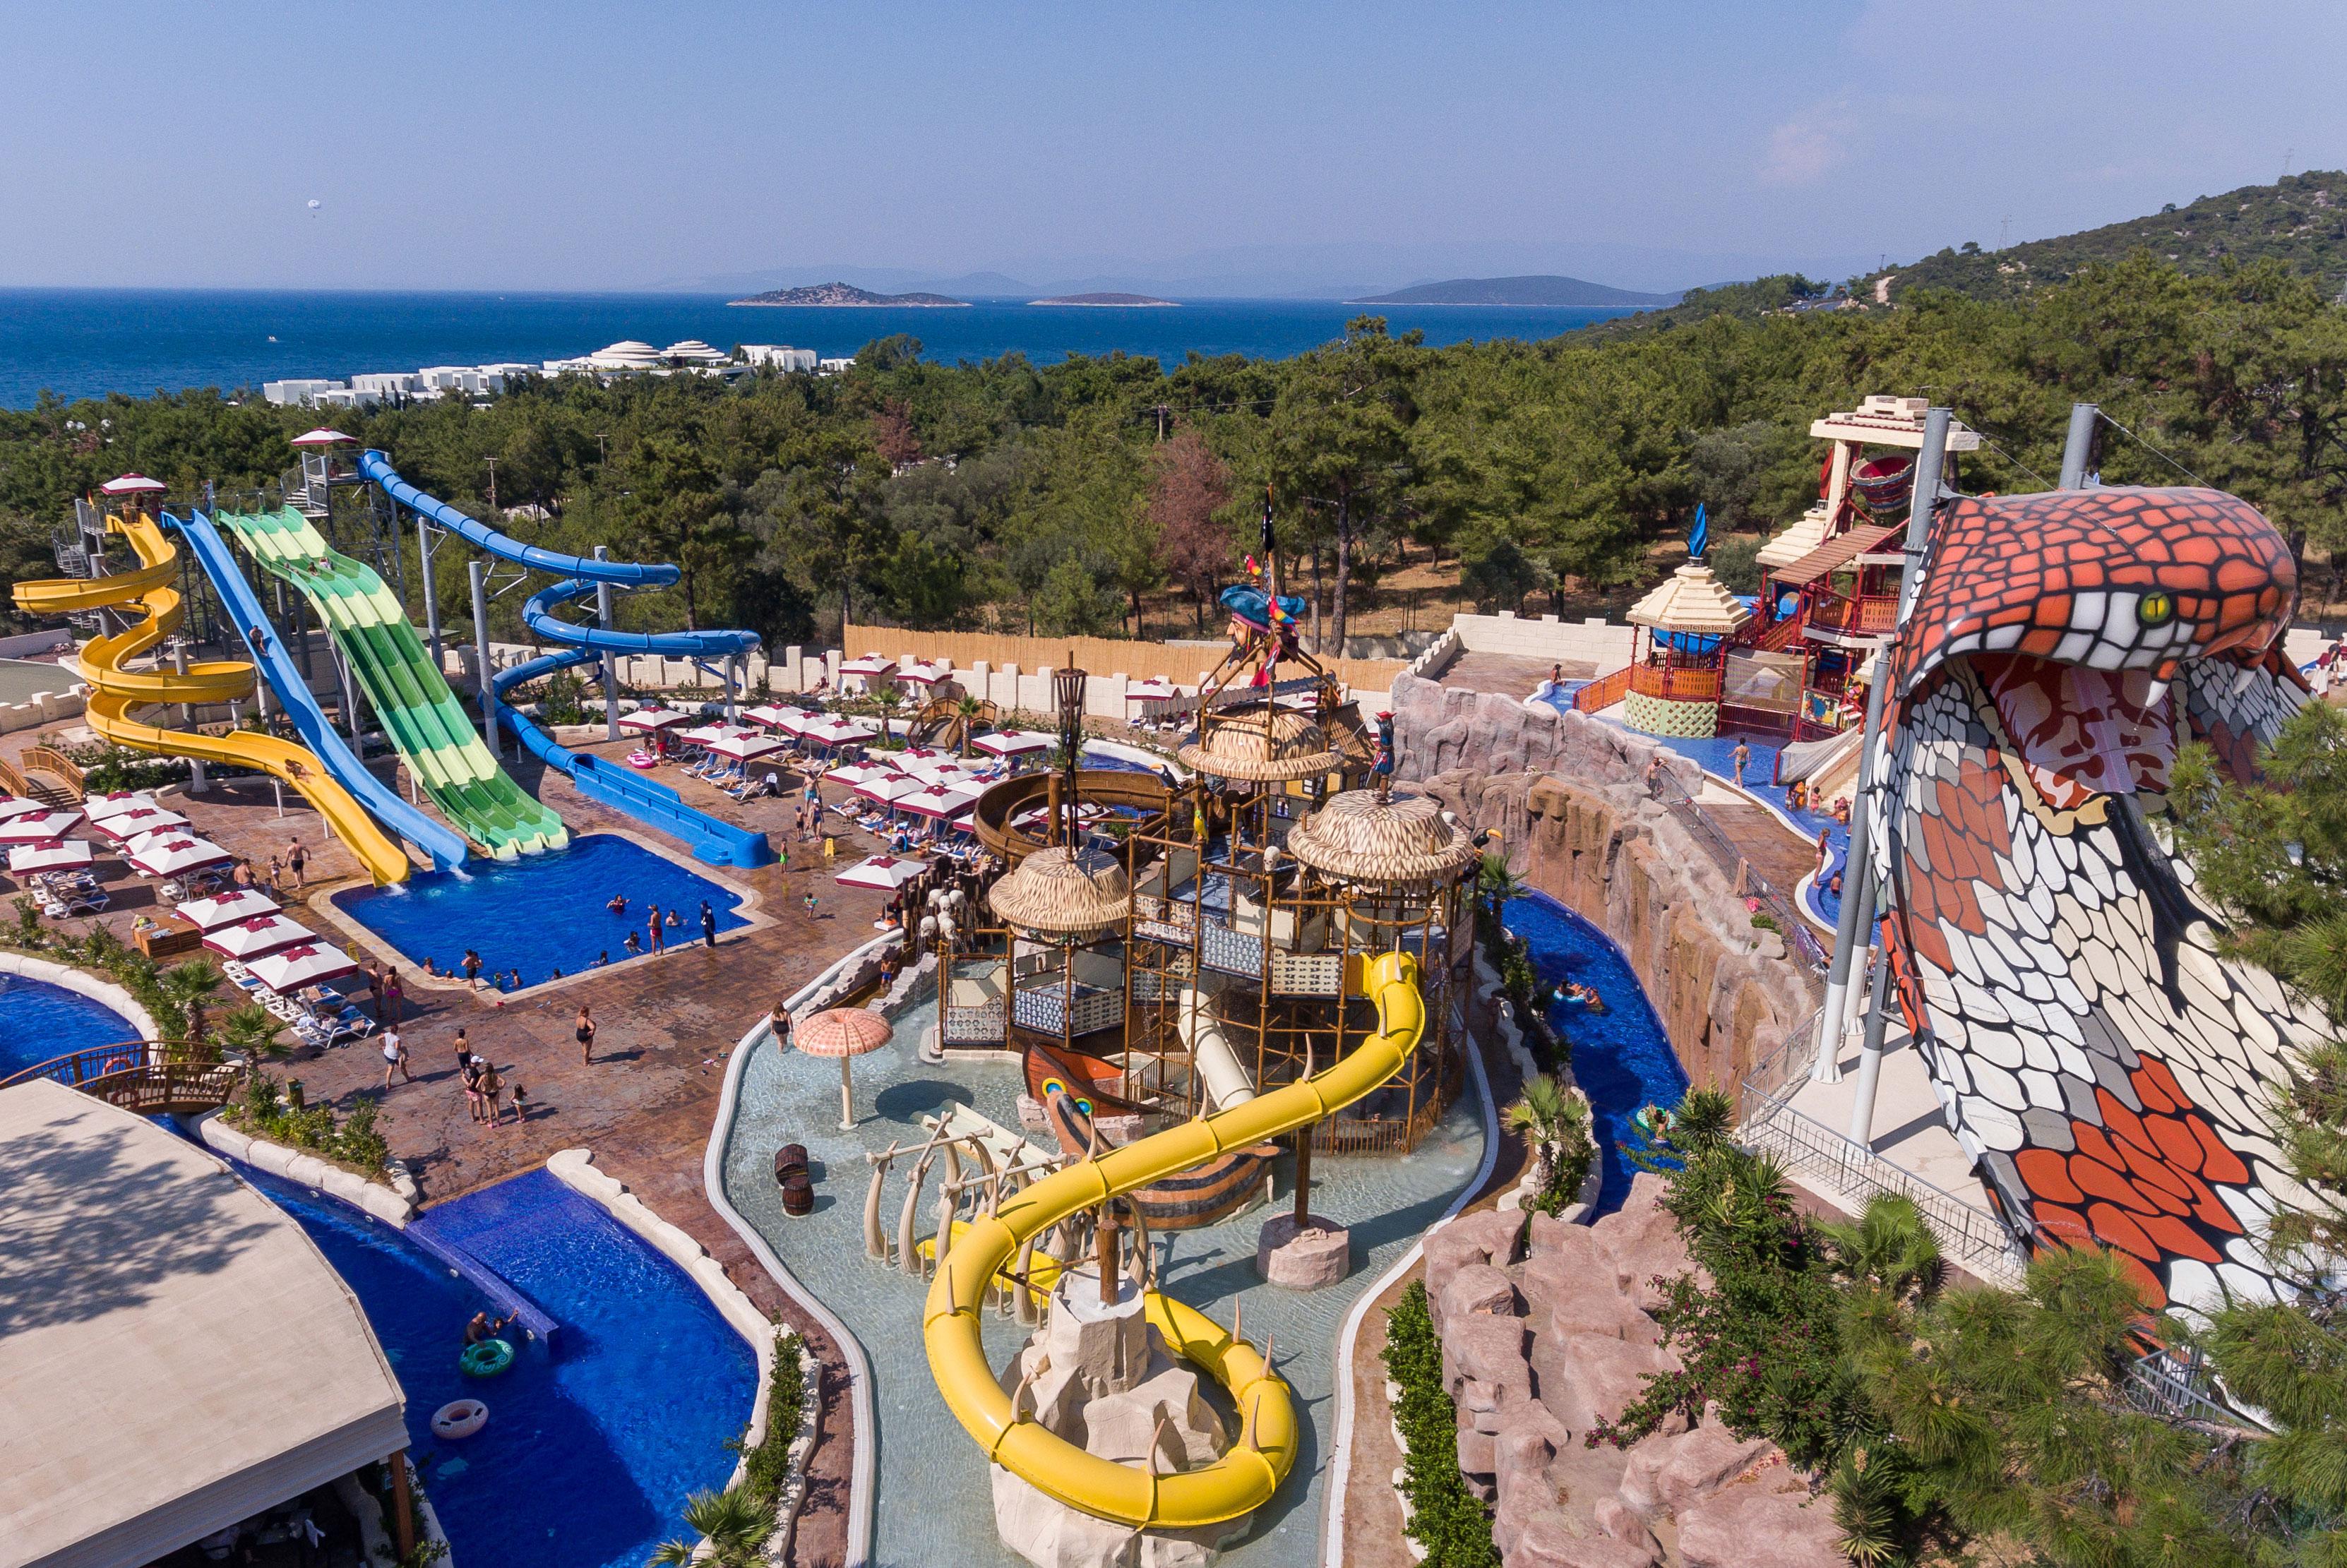 Фото нового отеля Vogue Hotel Bodrum 5*, Бодрум, Турция, развлечения, аквапарк